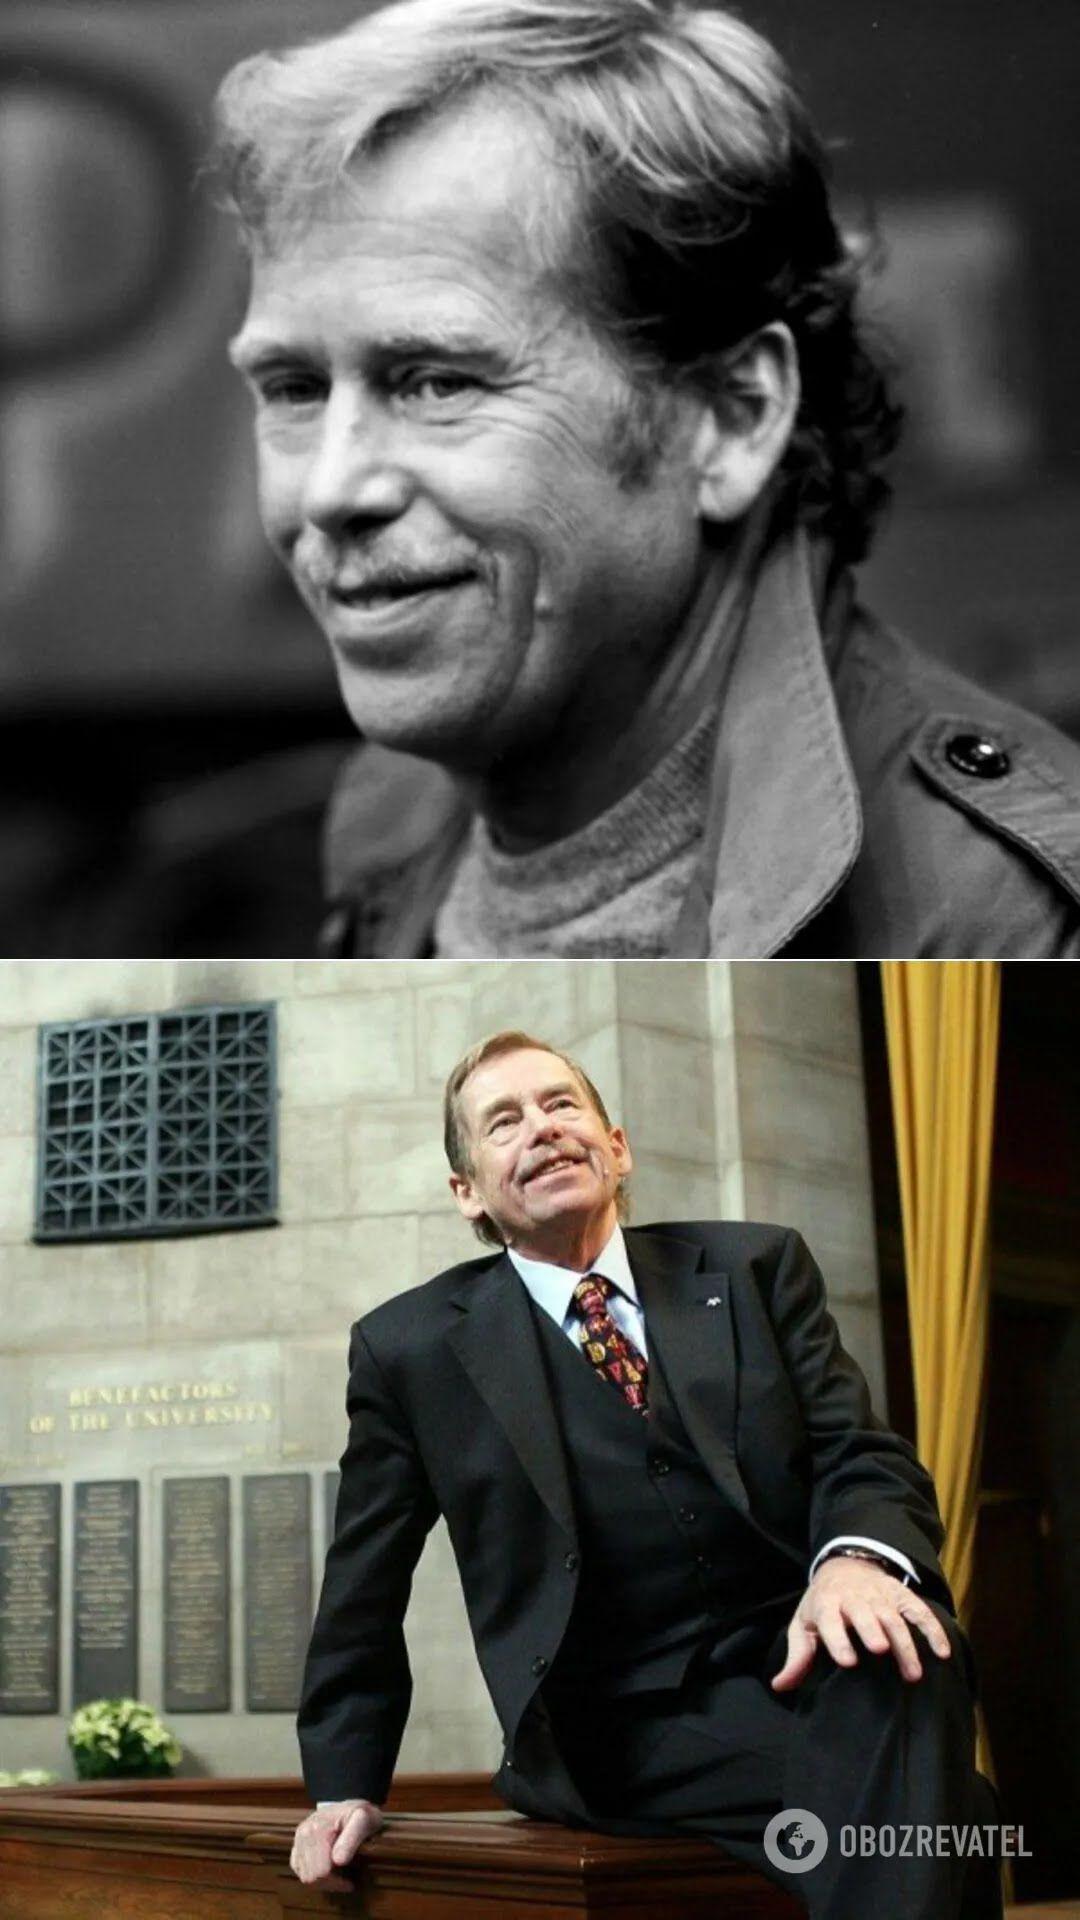 Писатель Вацлав Гавел был десятым и последним президентом Чехословакии, а также первым президентом Чехии(1993-2003 гг.)